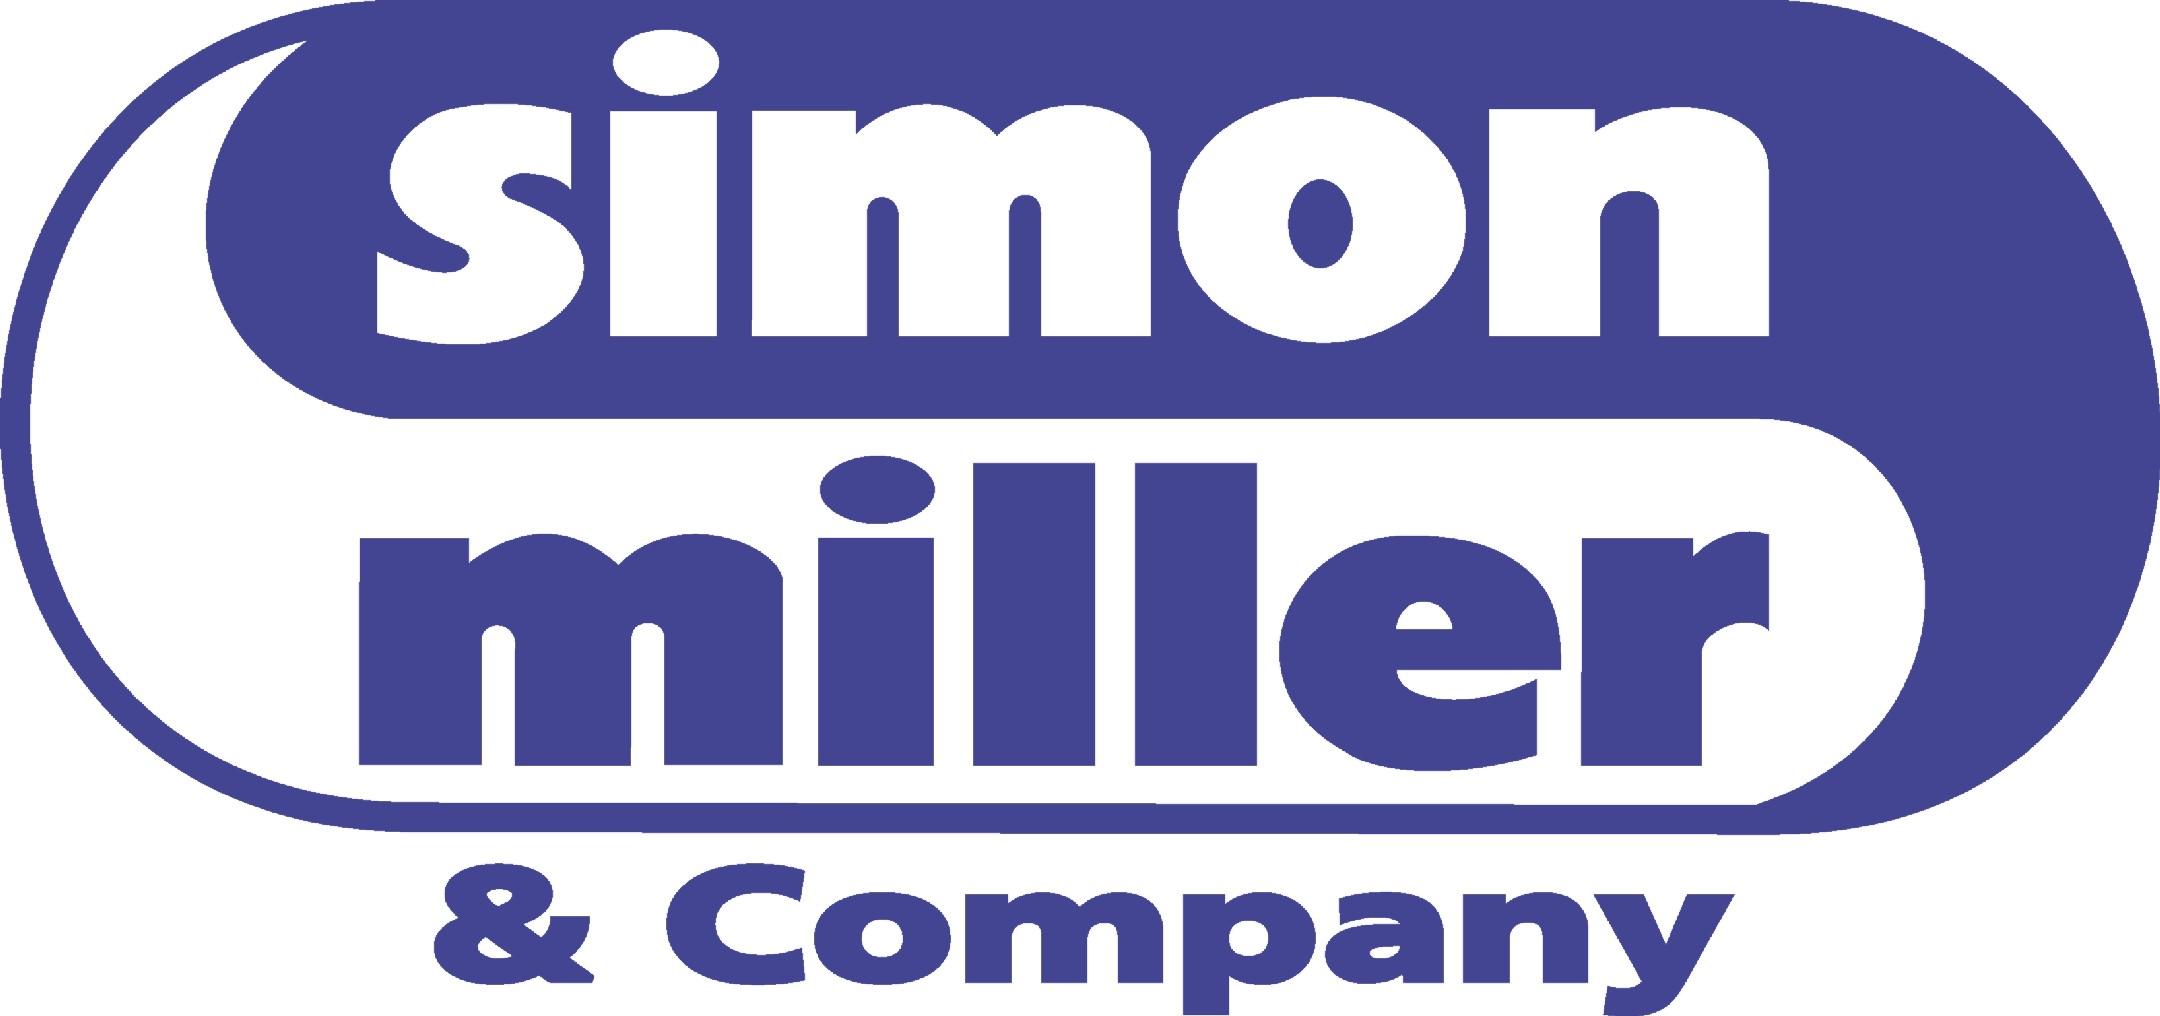 Simon Miller & Company - Headcorn